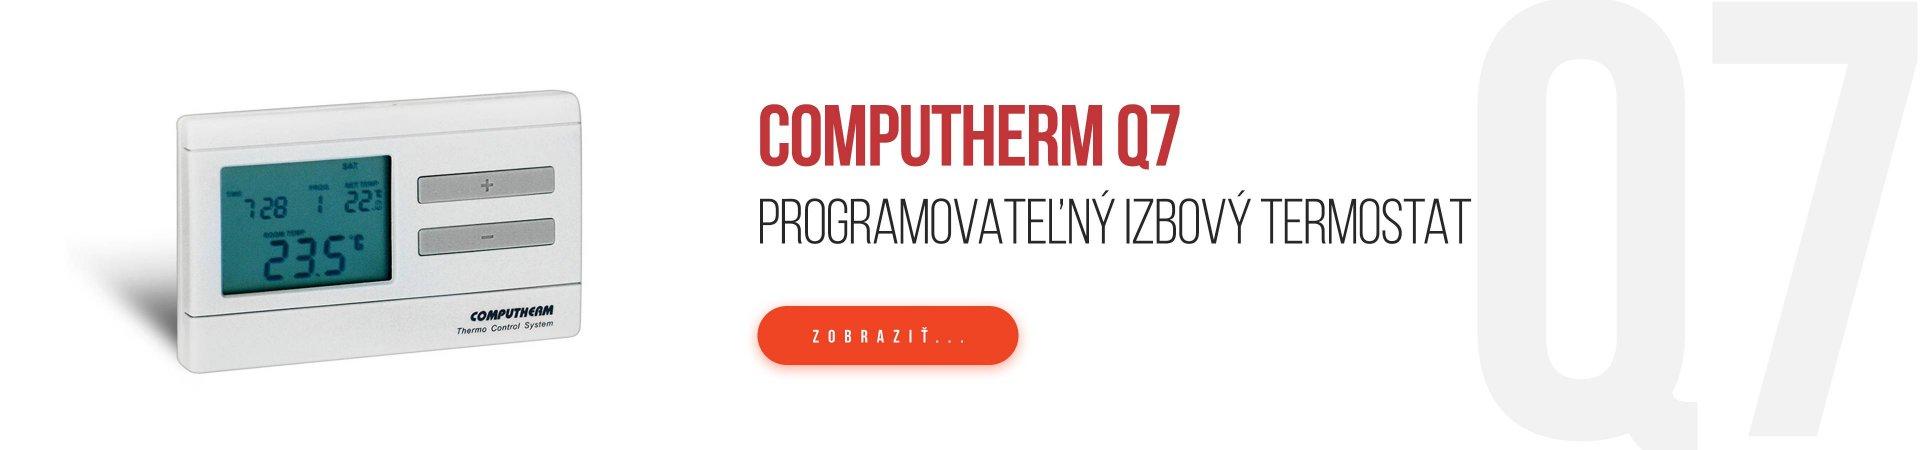 http://www.termostatshop.sk/programovatelny-izbovy-termostat